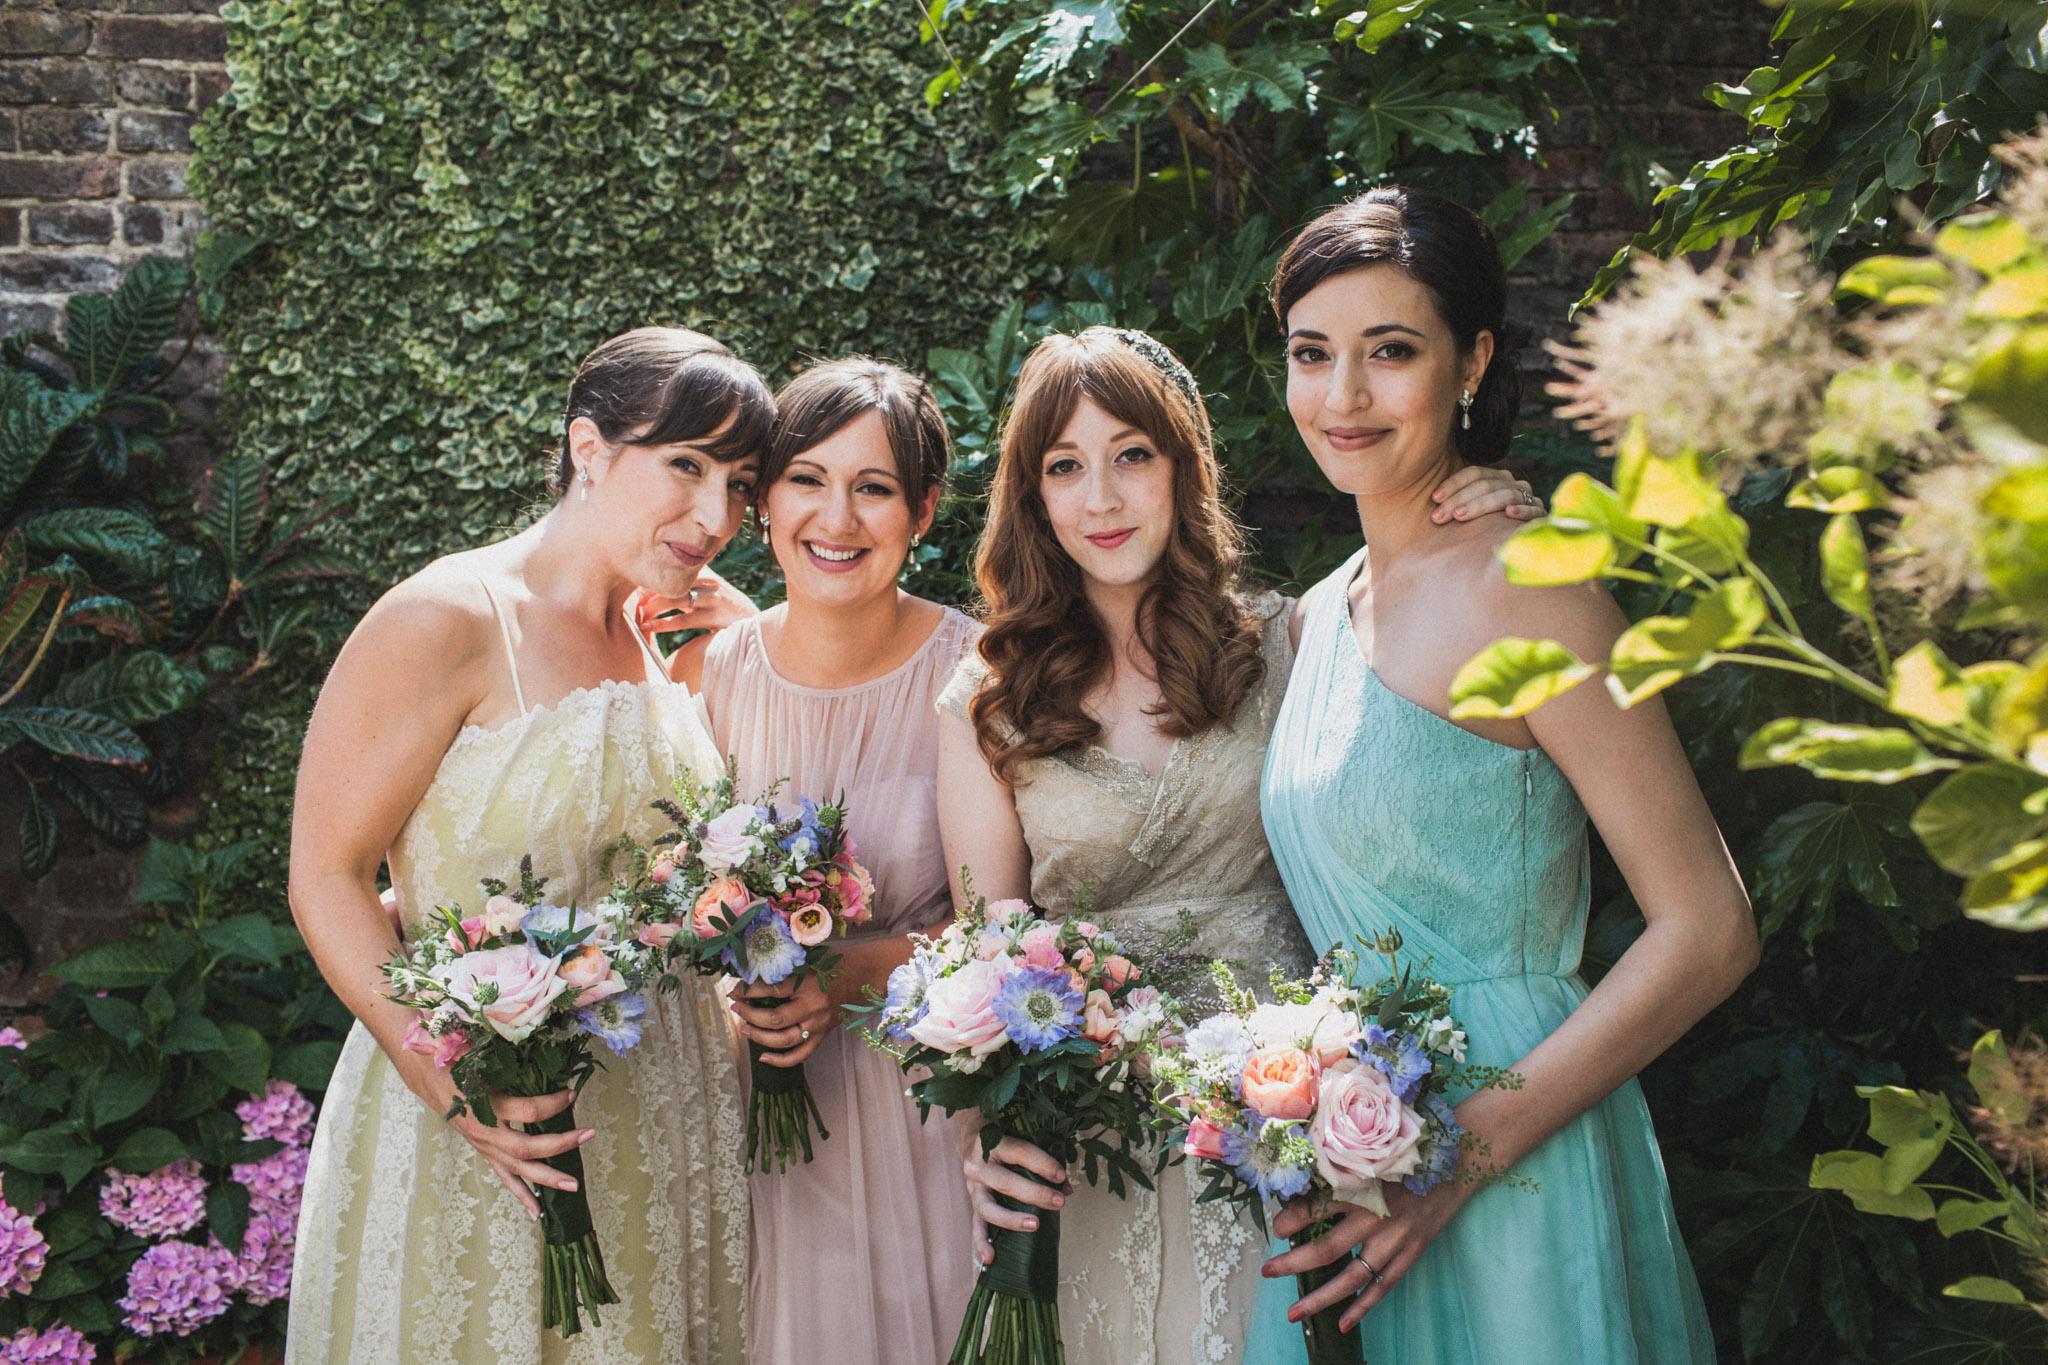 lewes_wedding_photographer_0021.jpg